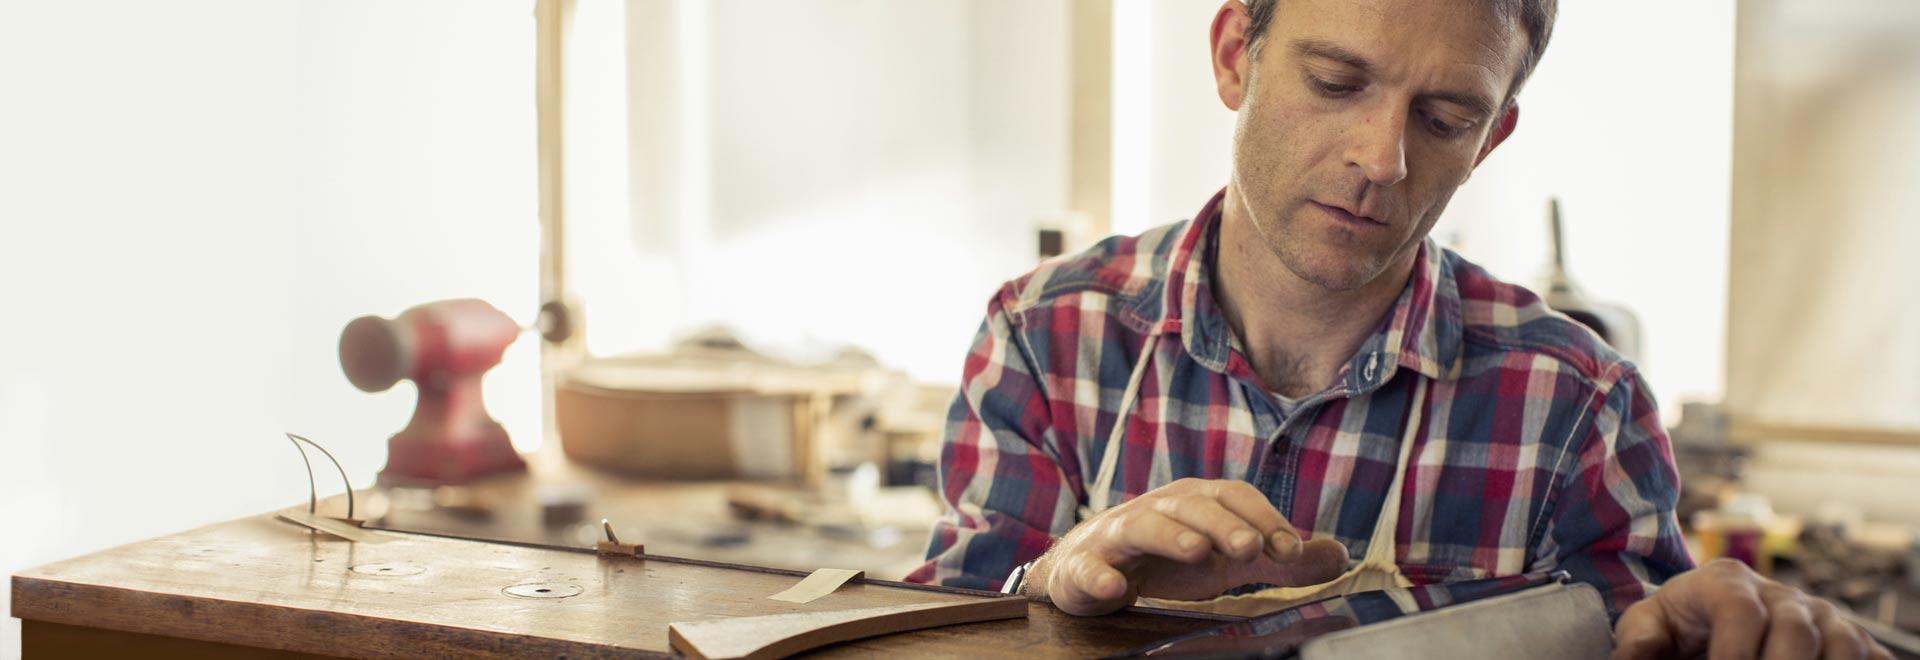 Seminaril osalev mees, kes kasutab oma tahvelarvutis Office 365 Businessit